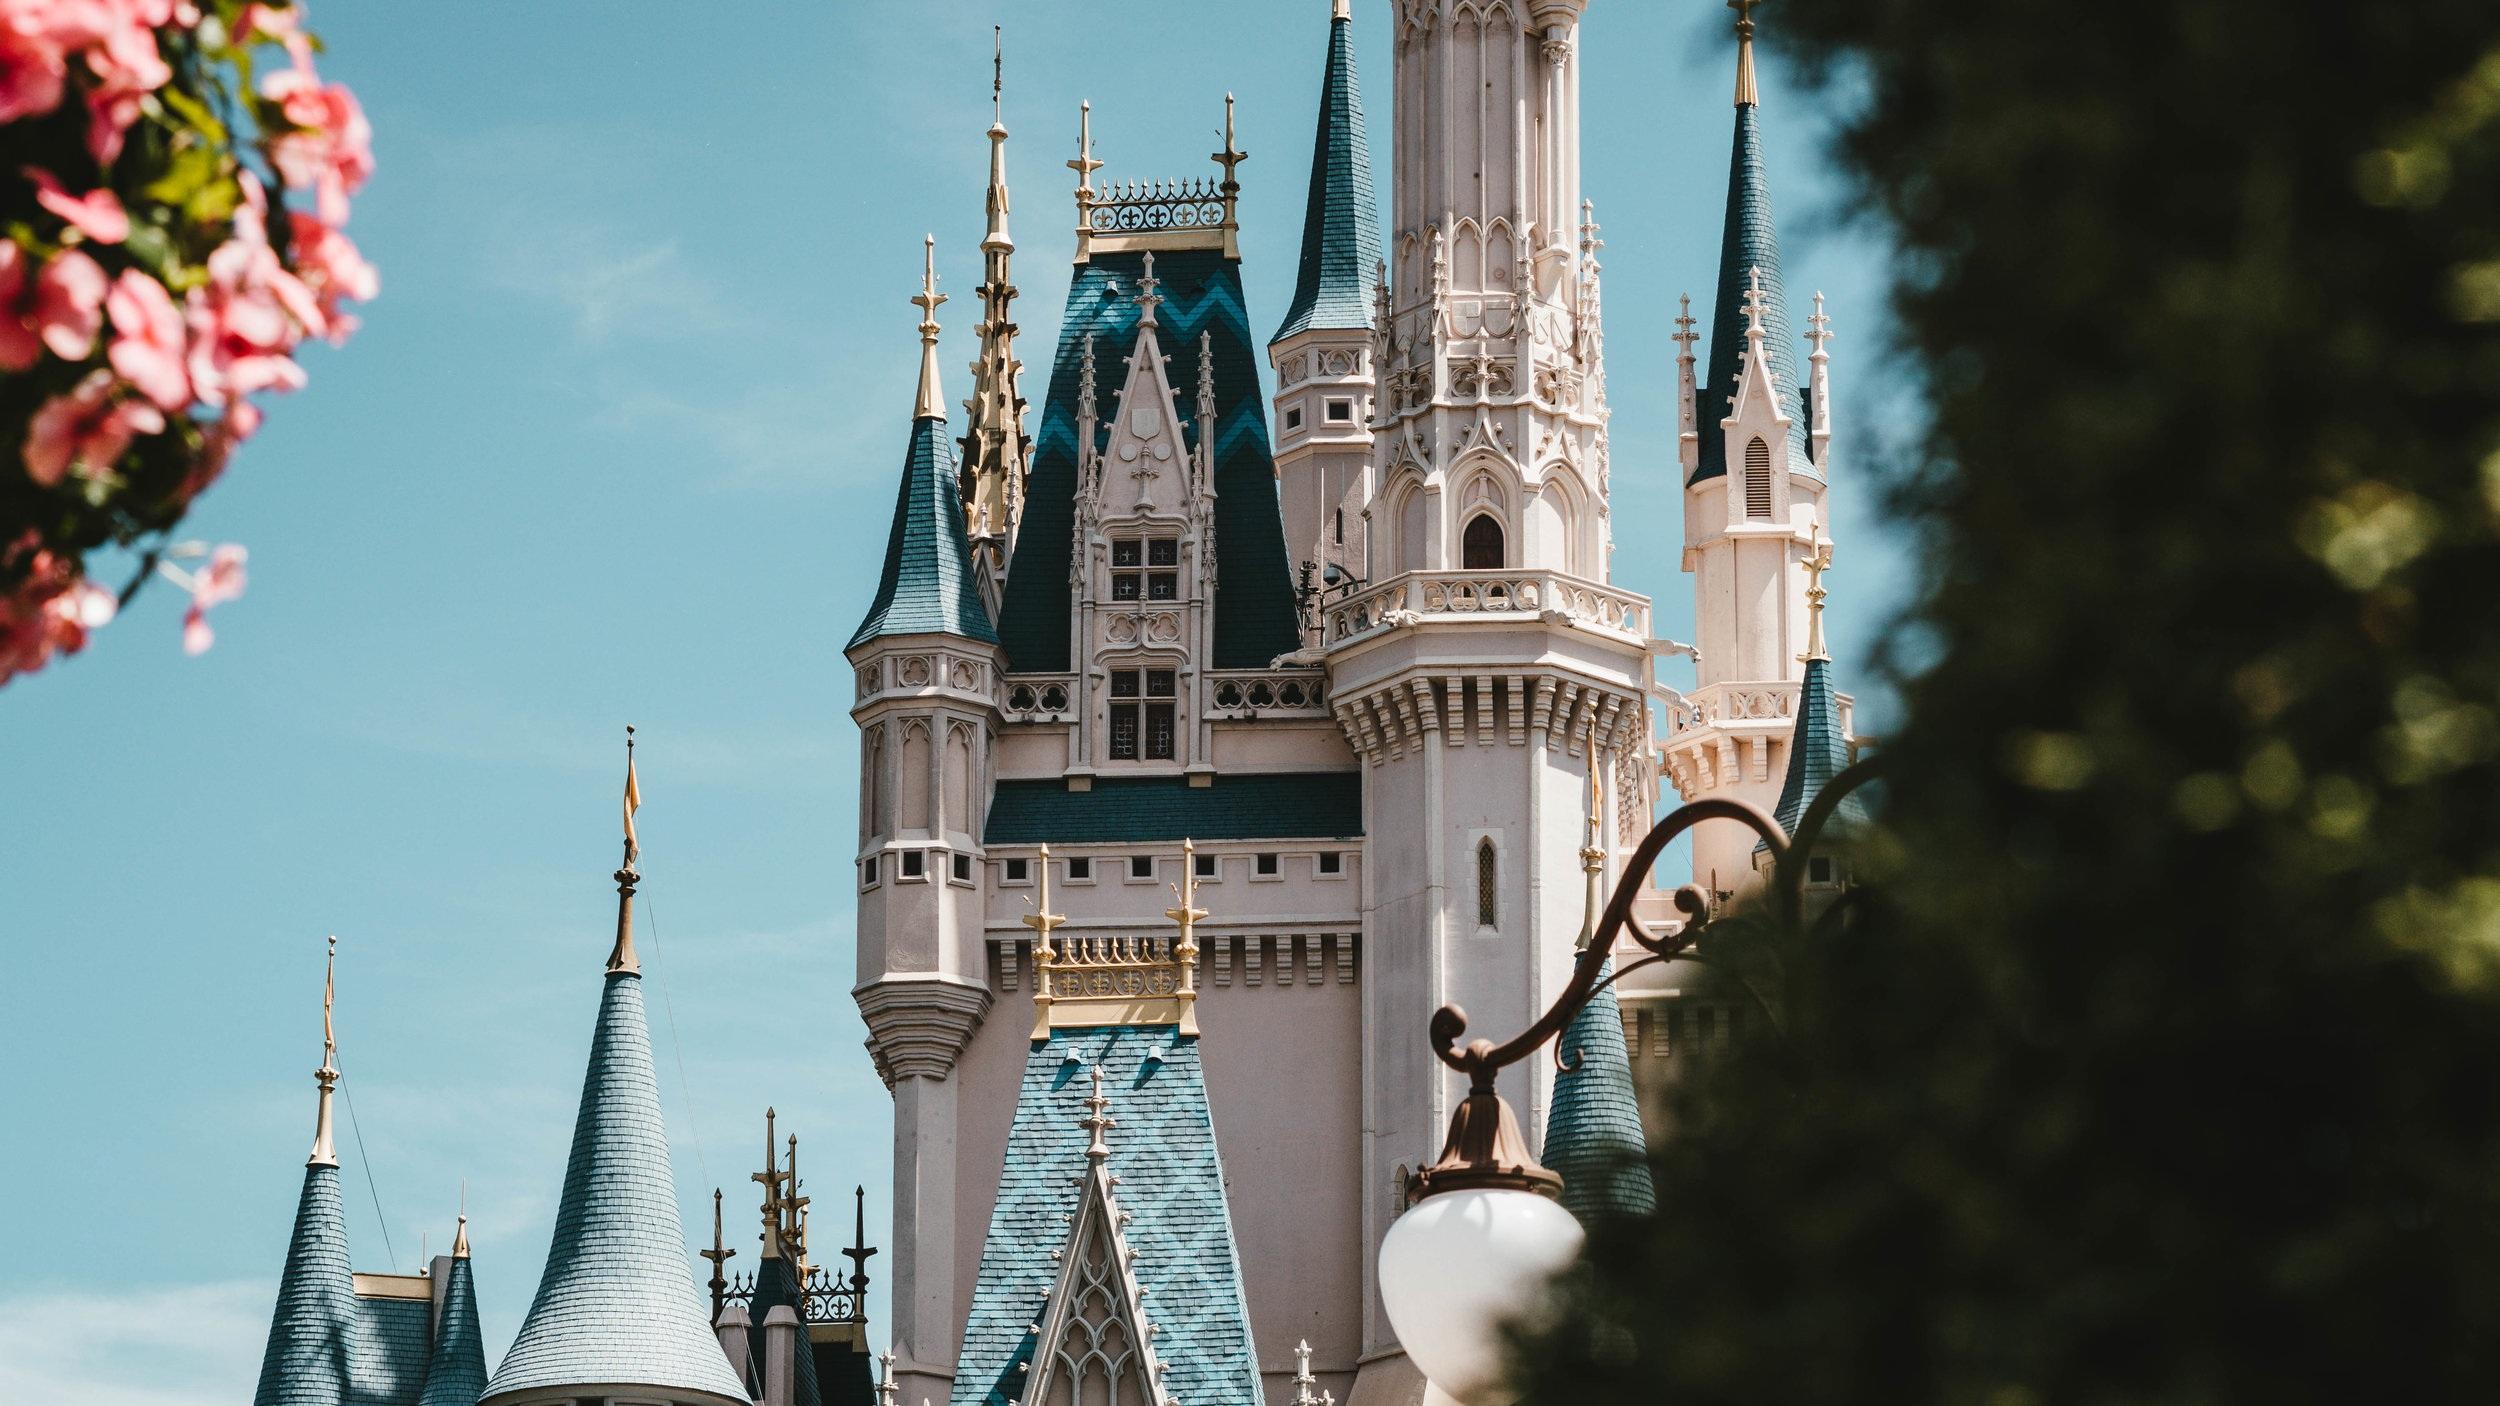 Disney World - Drygt tre mil utanför Orlando ligger världens största nöjesfält Walt Disney World Resort. Parken innehåller hela fyra olika temaparker, varav två vattenparker och har över 20 miljoner besökare varje år. Detta är verkligen en av Orlandos kronjuveler och en upplevelse man aldrig glömmer.